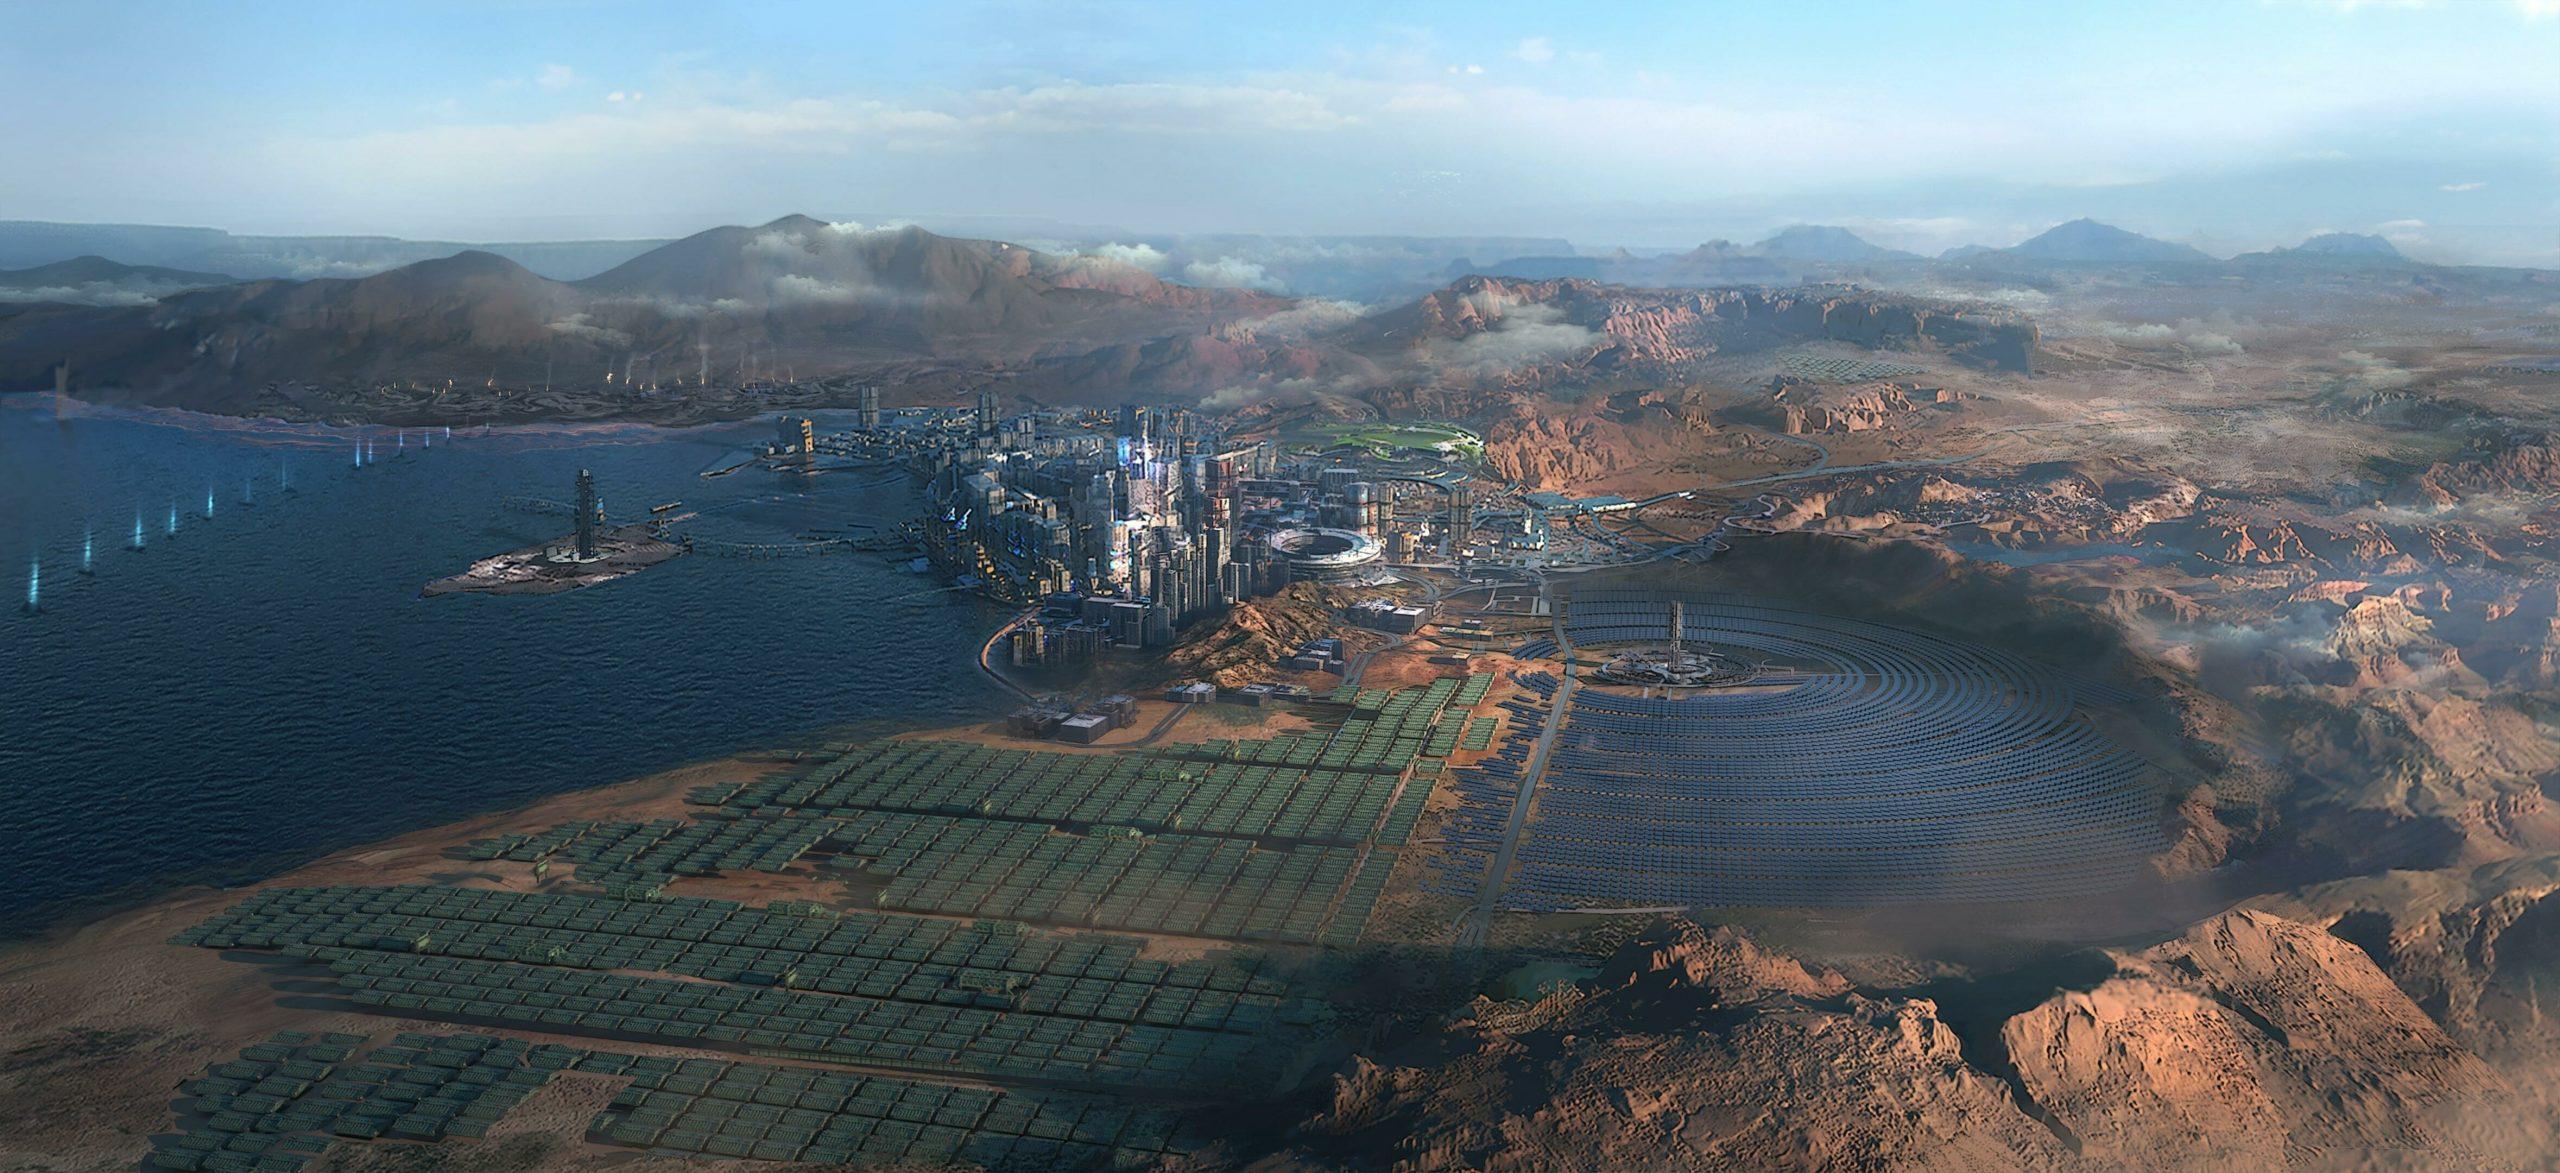 Трейлер, геймплей ианиме отTrigger — что показали напрезентации Cyberpunk 2077? 19